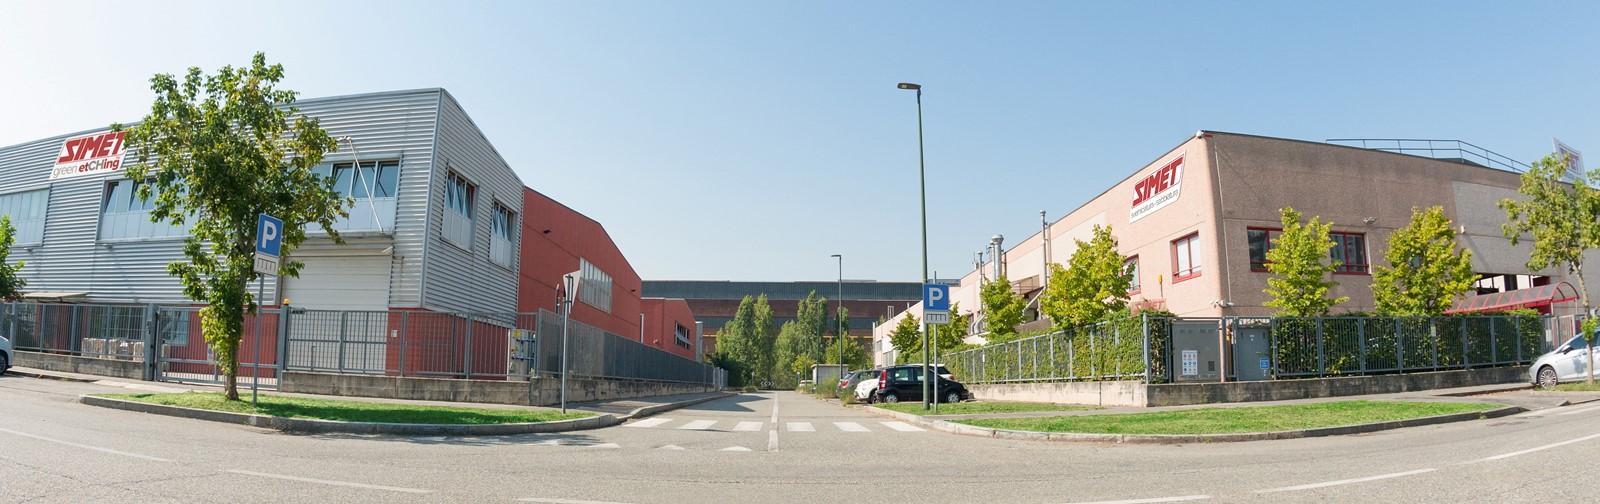 Simet - via Feroggio 21 e 29/A